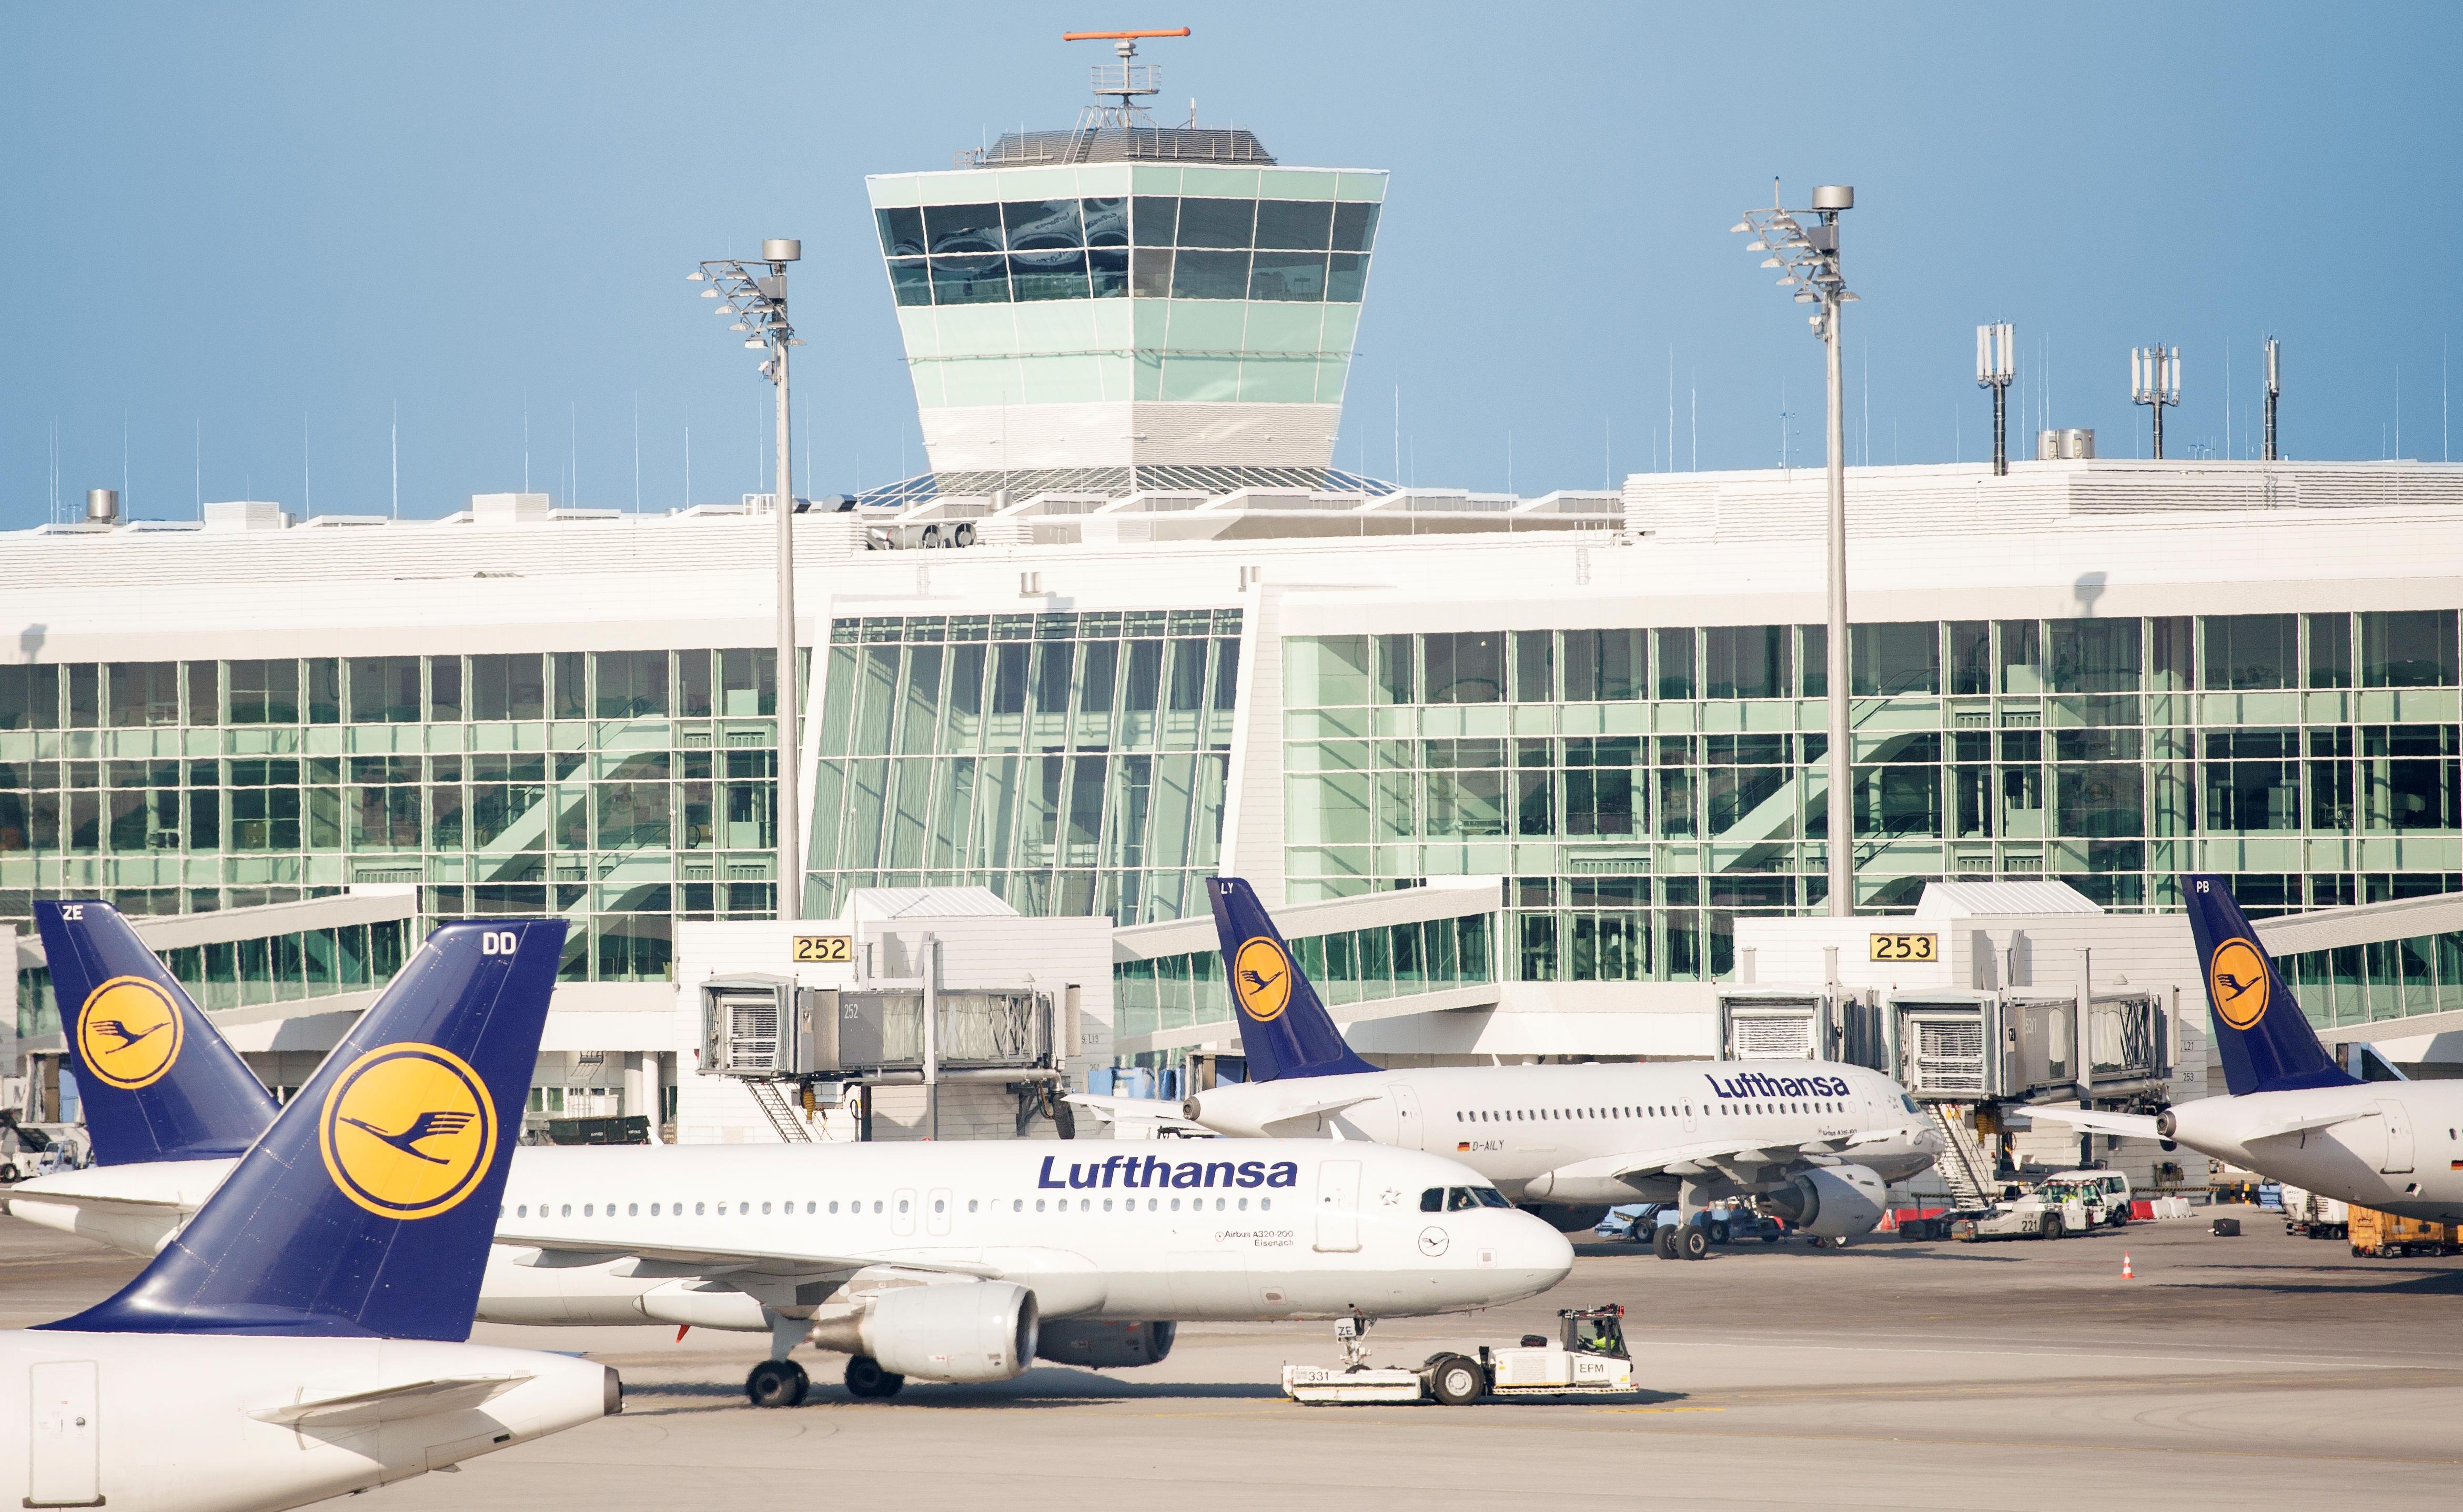 Nu lander Lufthansa som første flyselskab med NDC-priser i Billetkontorets agentportal, Farewise. Arkivfoto fra Lufthansa.